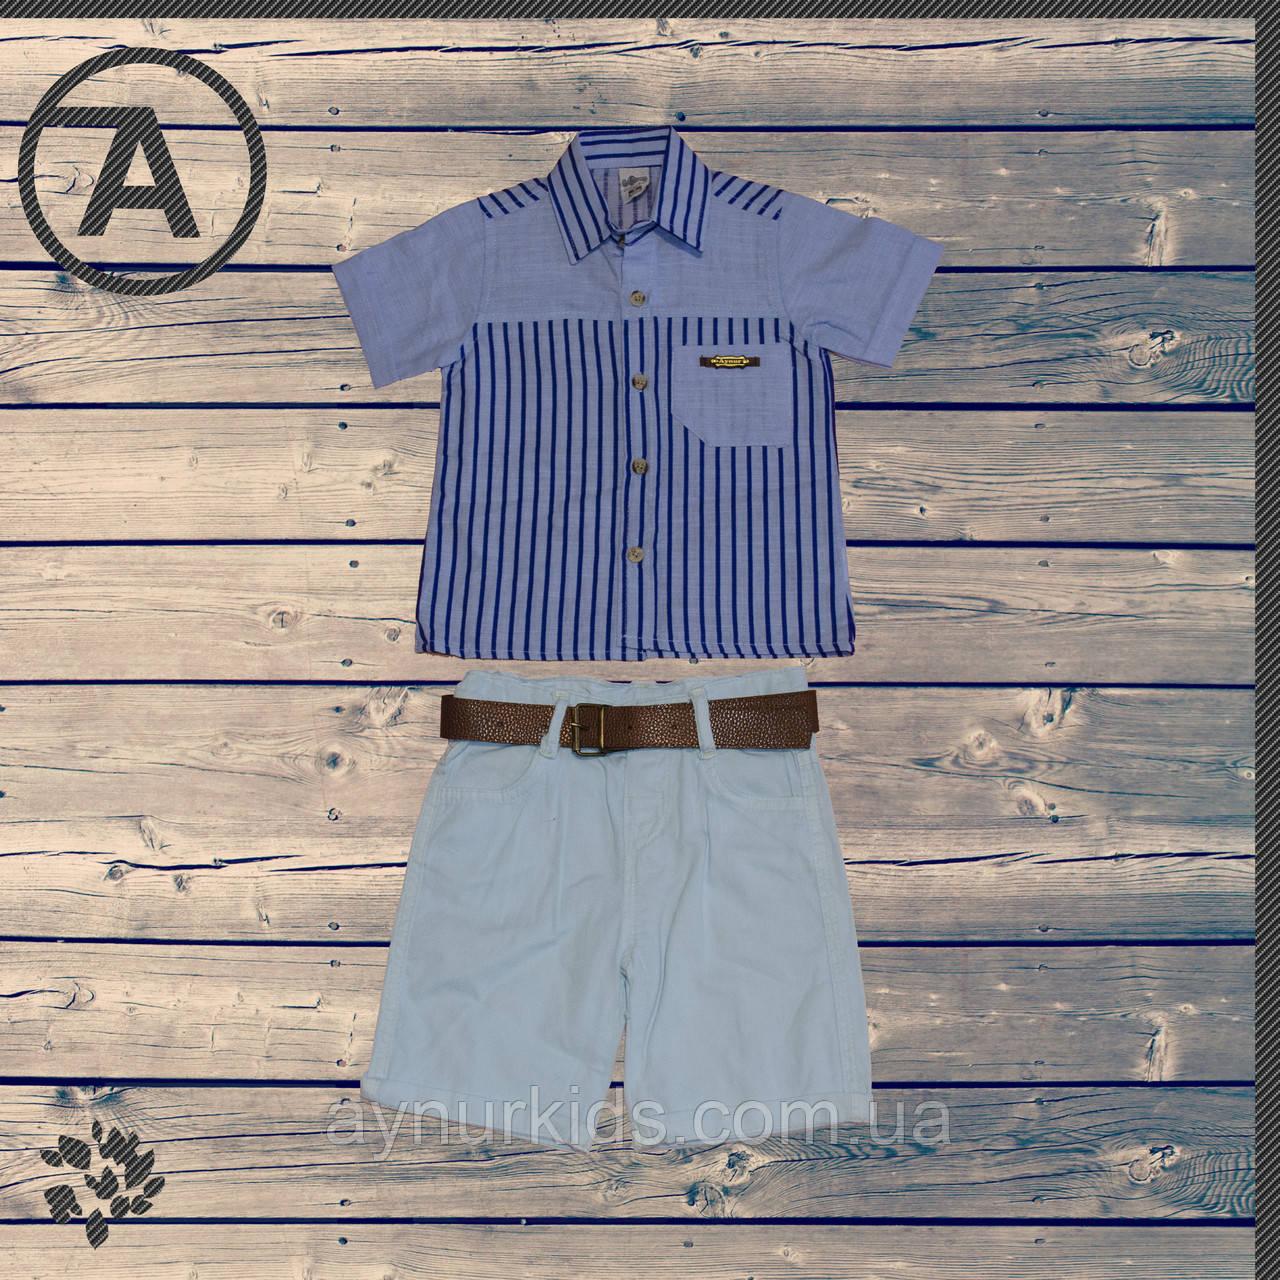 Рубашка и шорты для мальчика 1-2-3-4 года